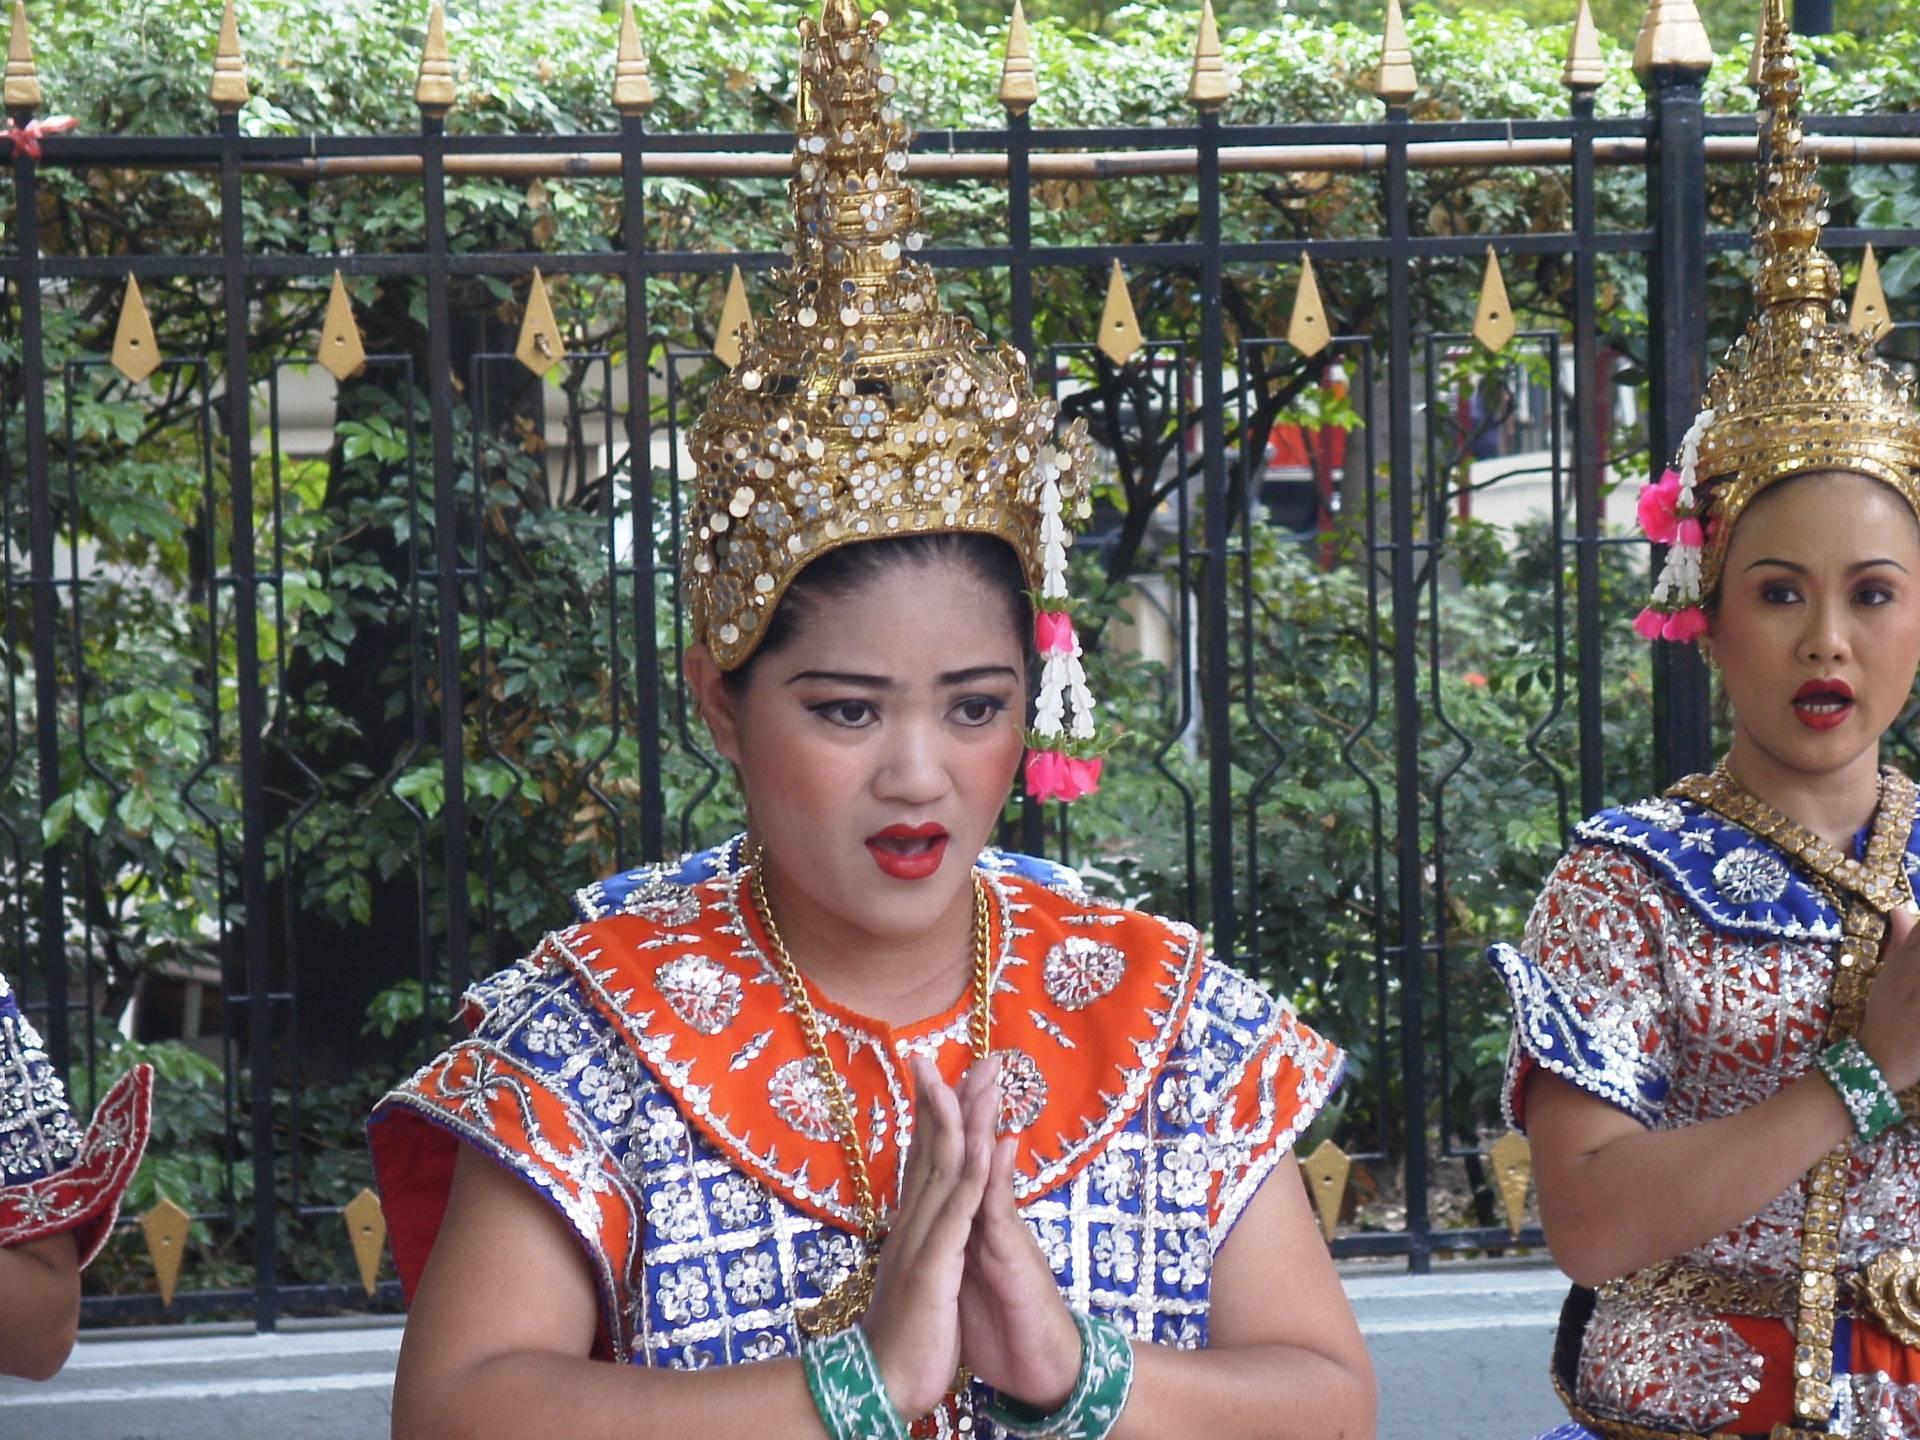 In Bangkot at Erawan Shrine